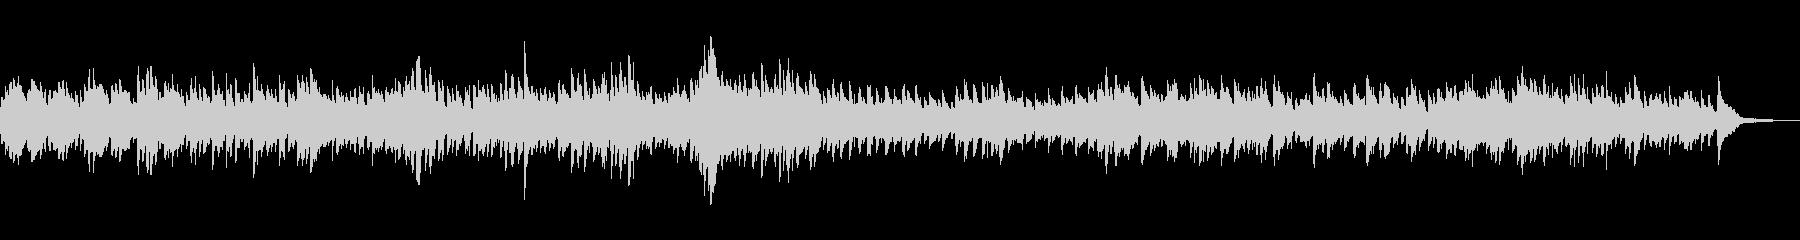 アベマリア ピアノアレンジの未再生の波形